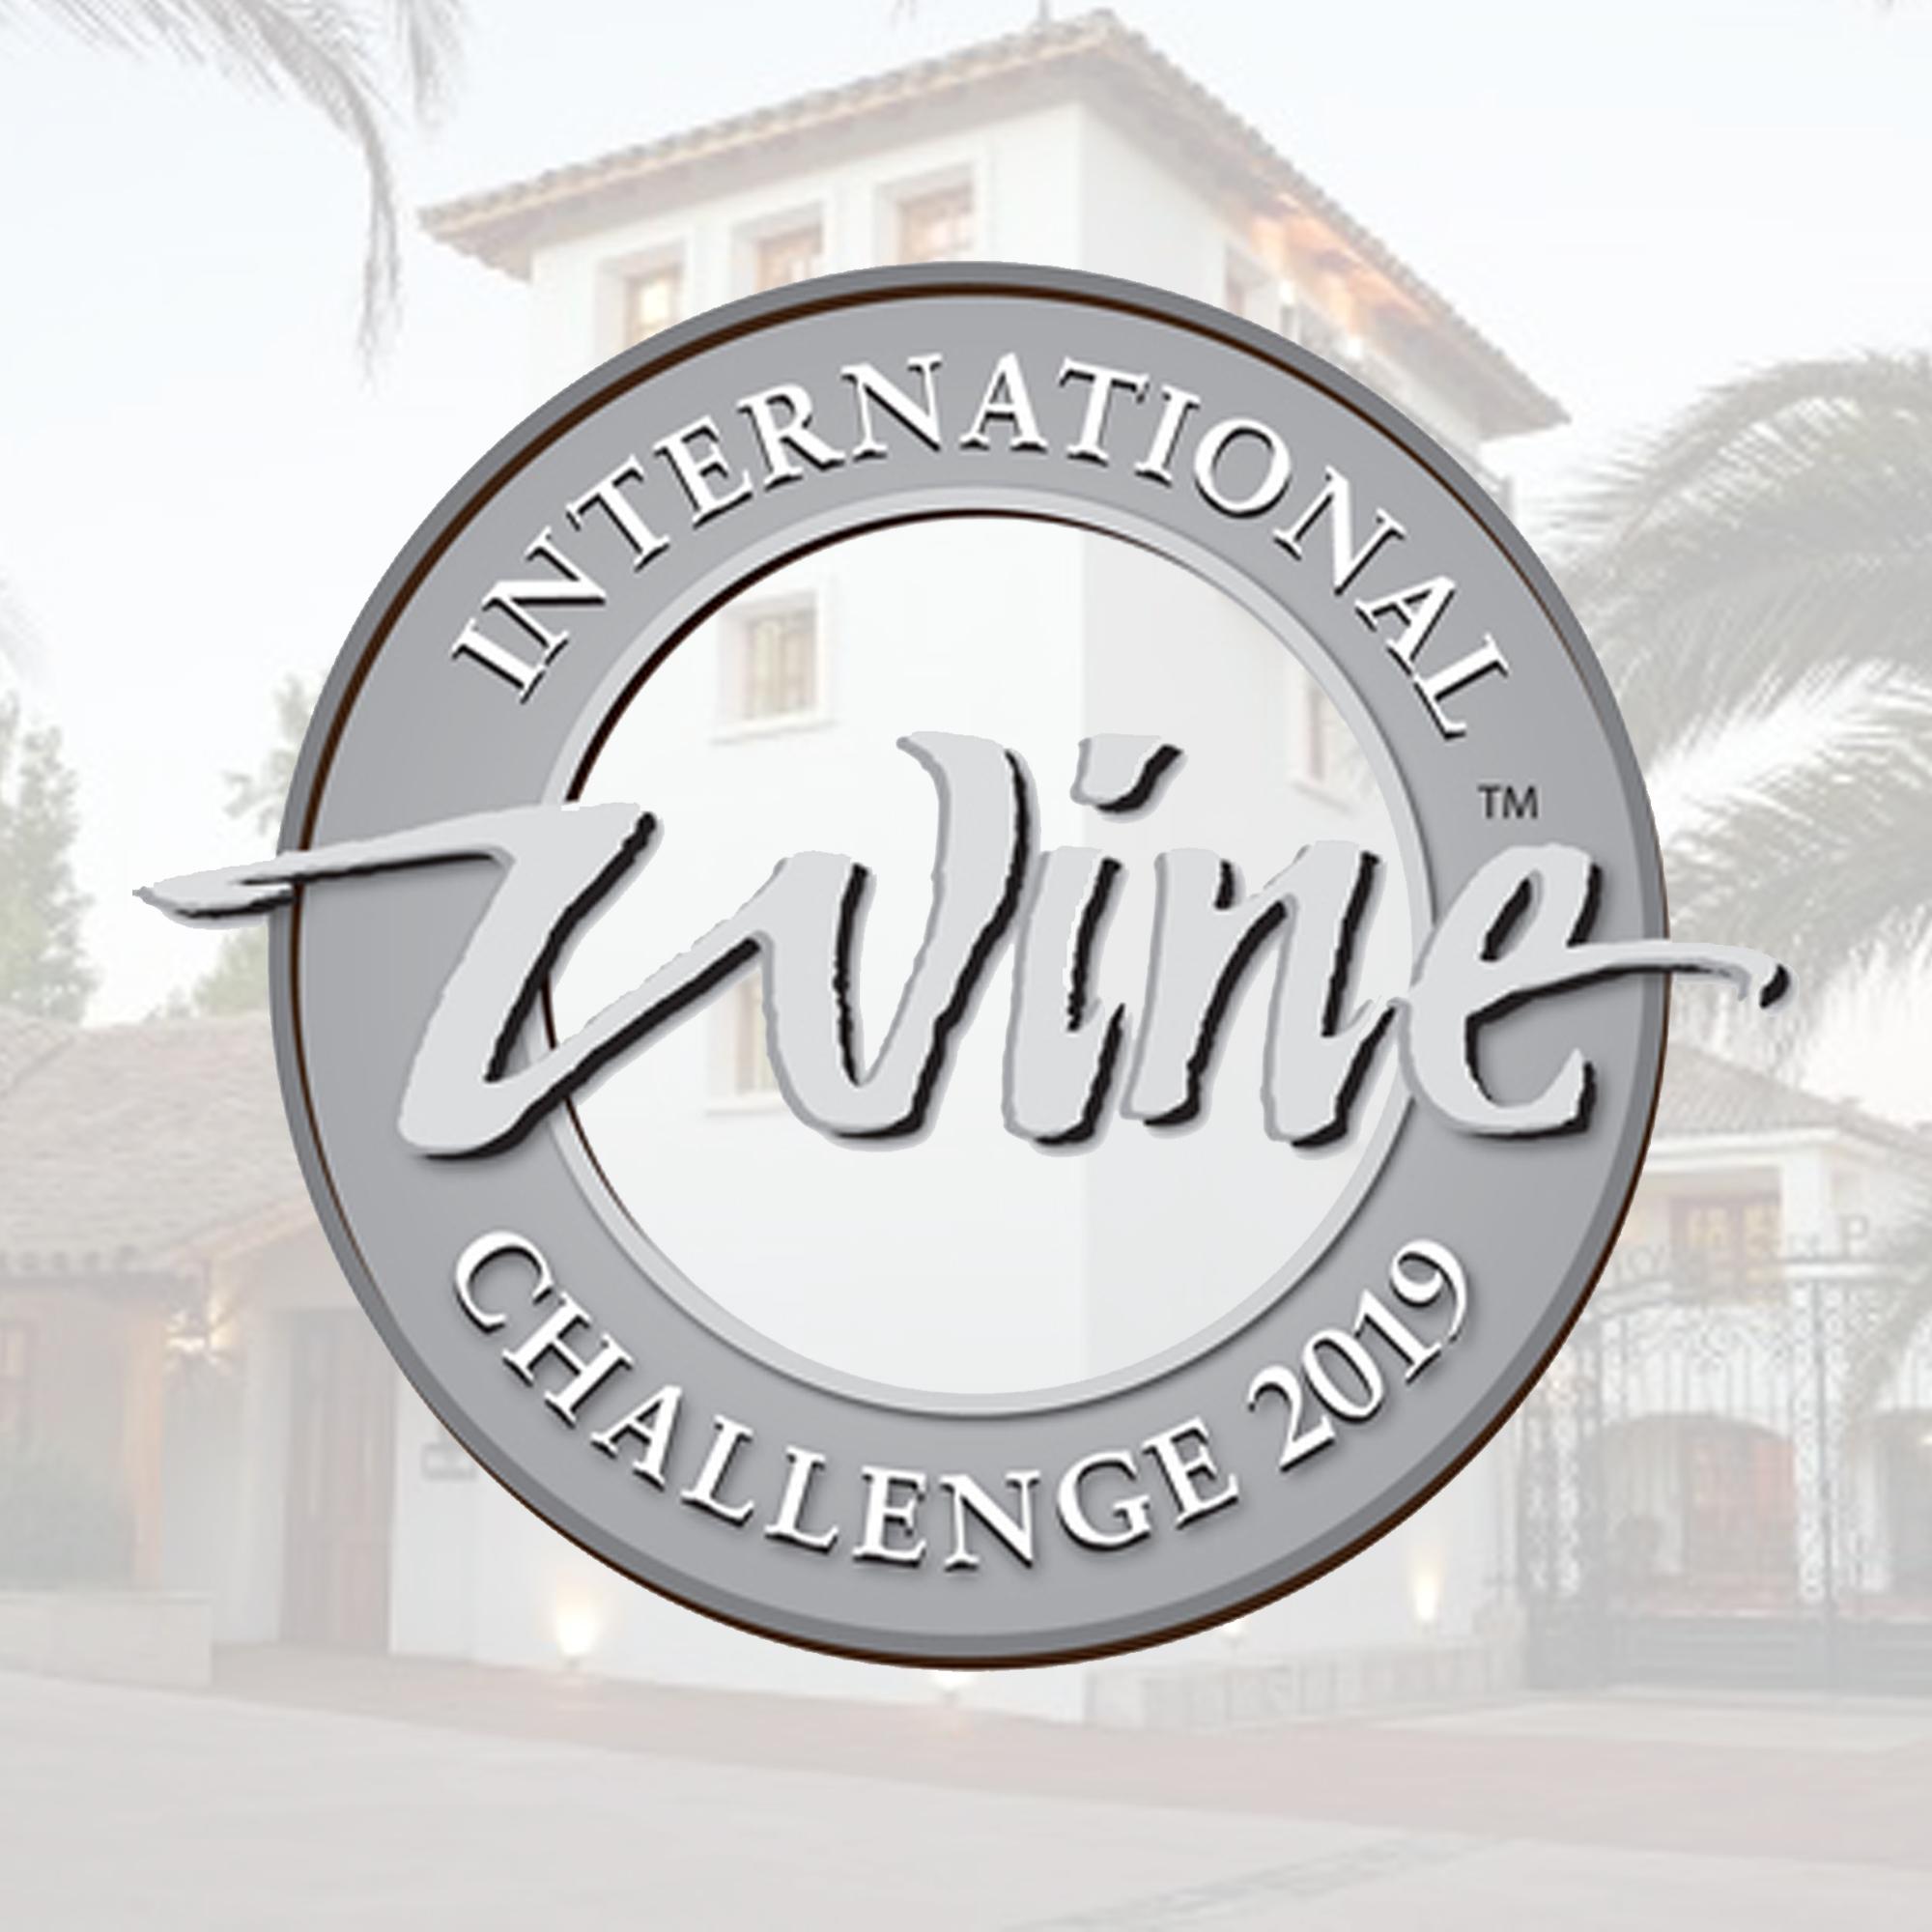 Torreón de Paredes at the International Wine Challenge 2019